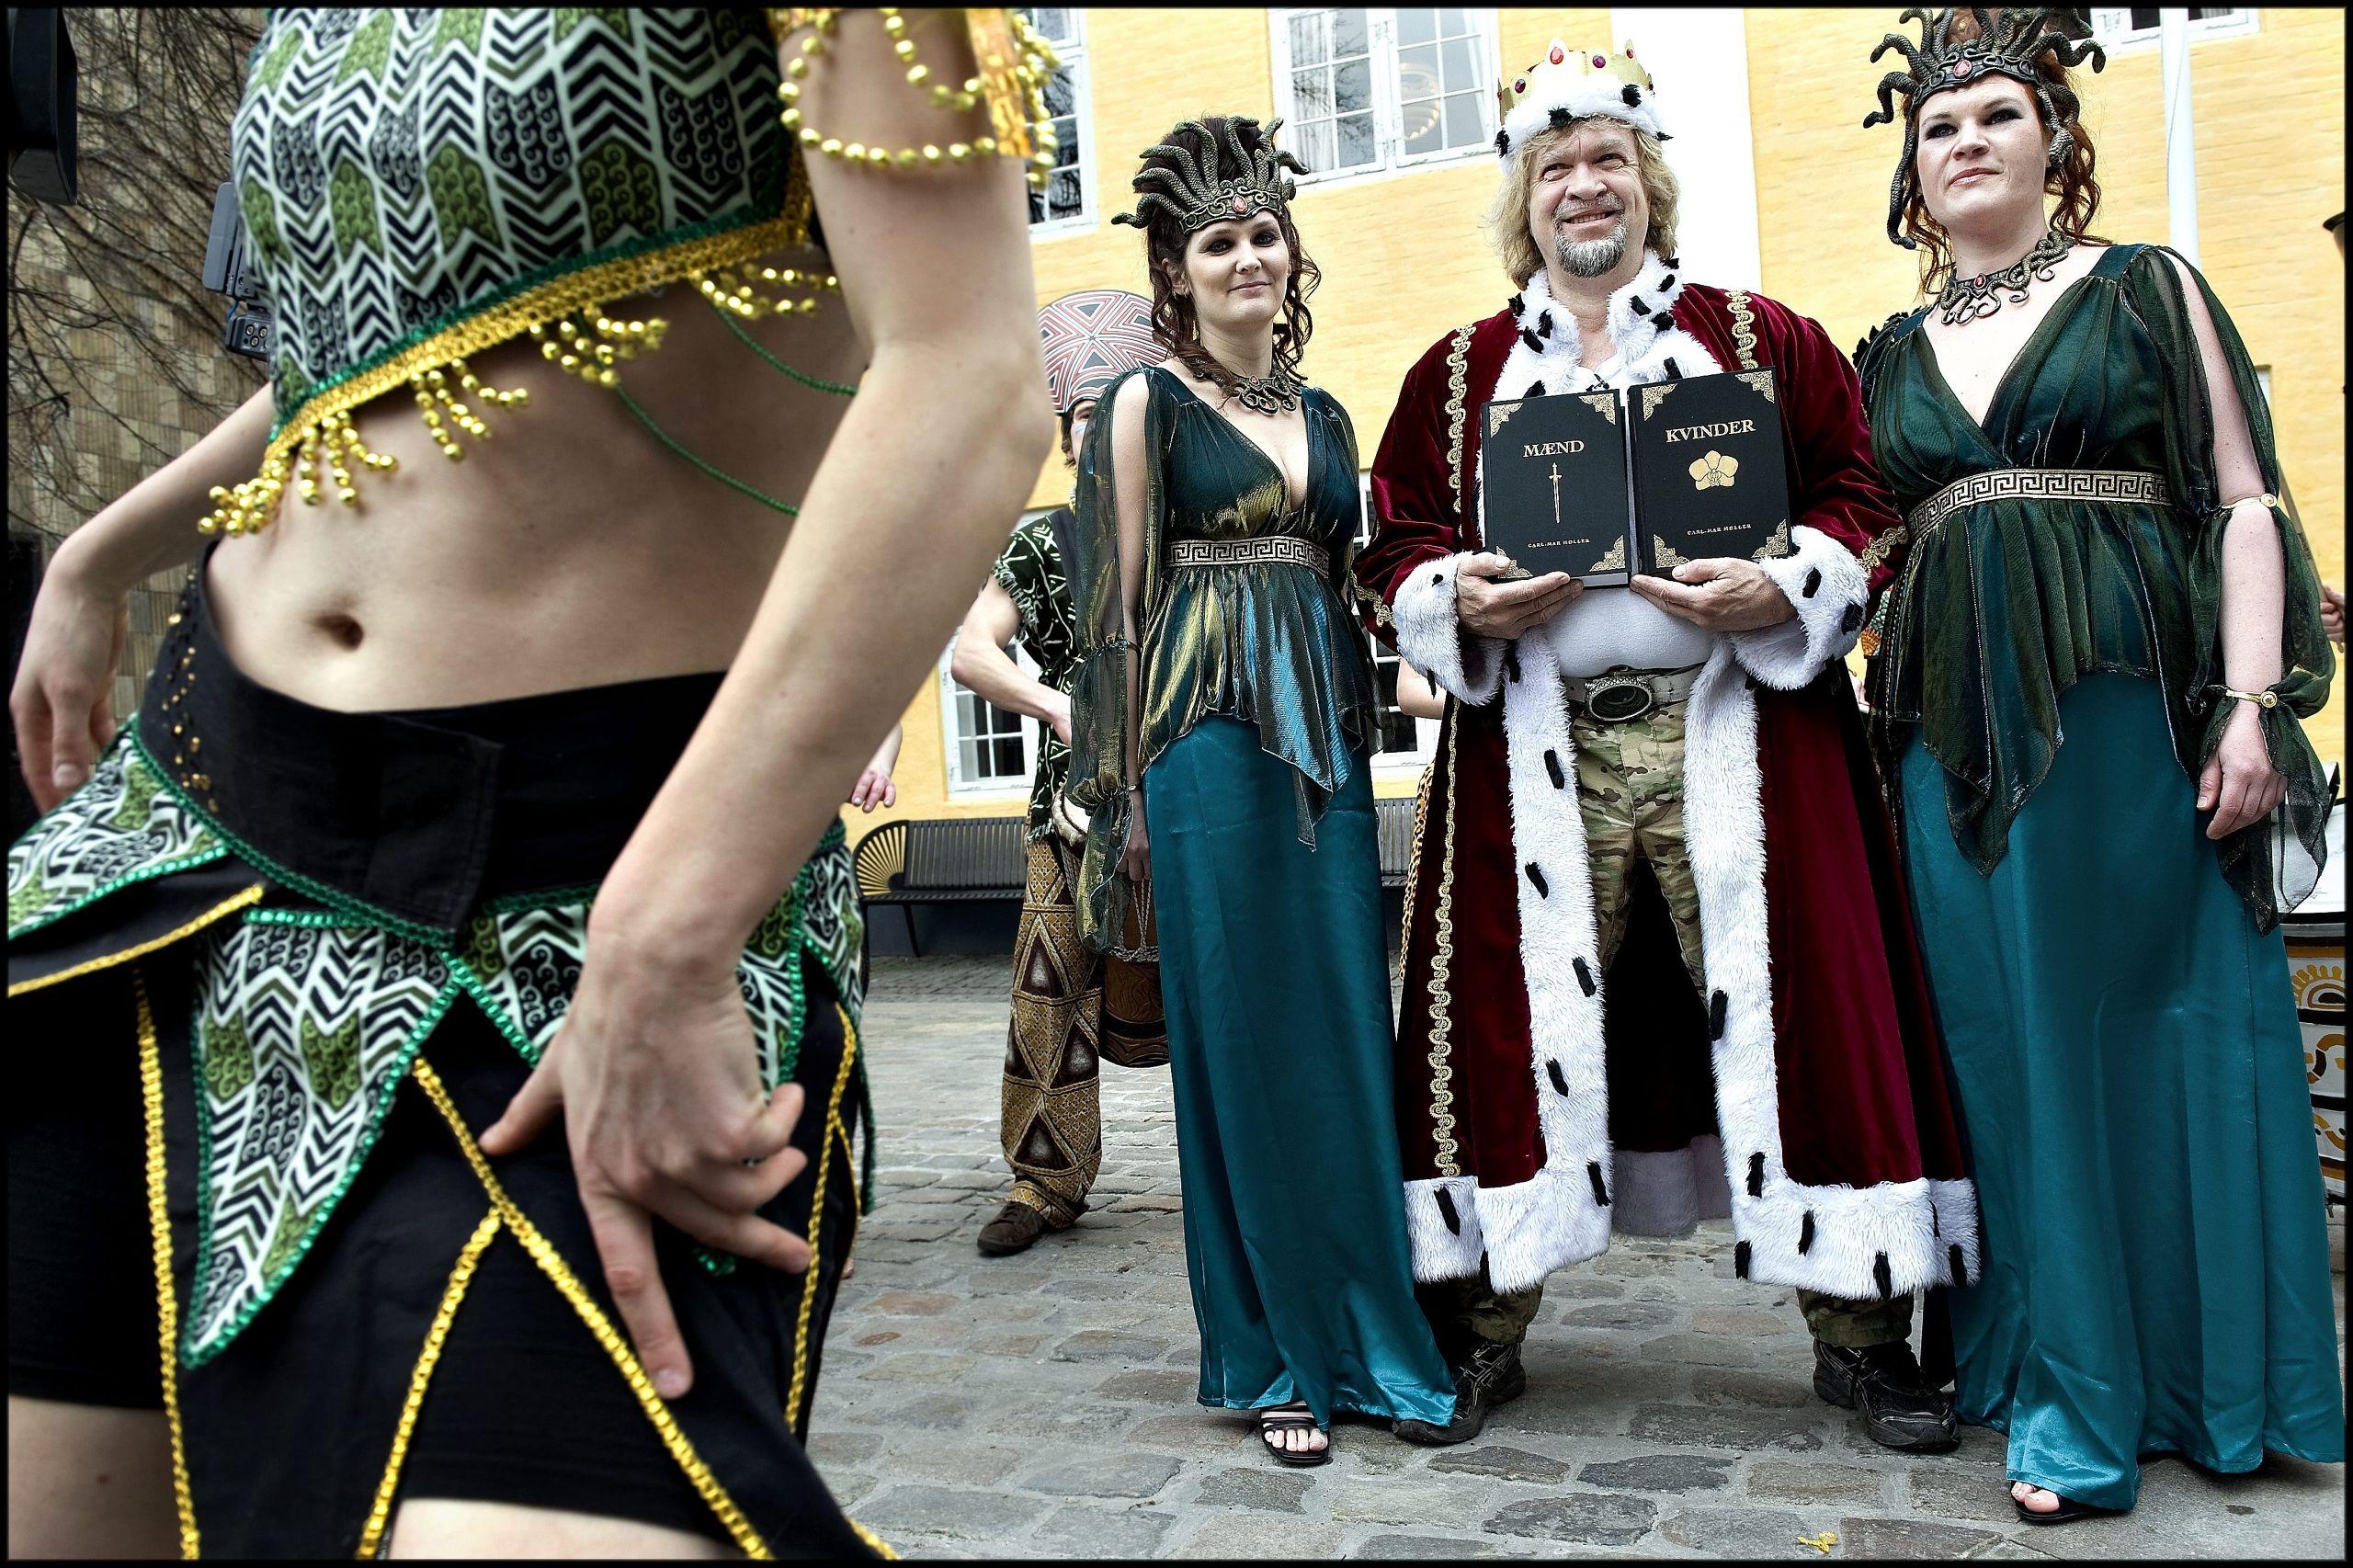 Karnevalskongen anno 2010 var det den kendte par- og sexterapeut Carl-Mar Møller. Arkivfoto: Lars Pauli